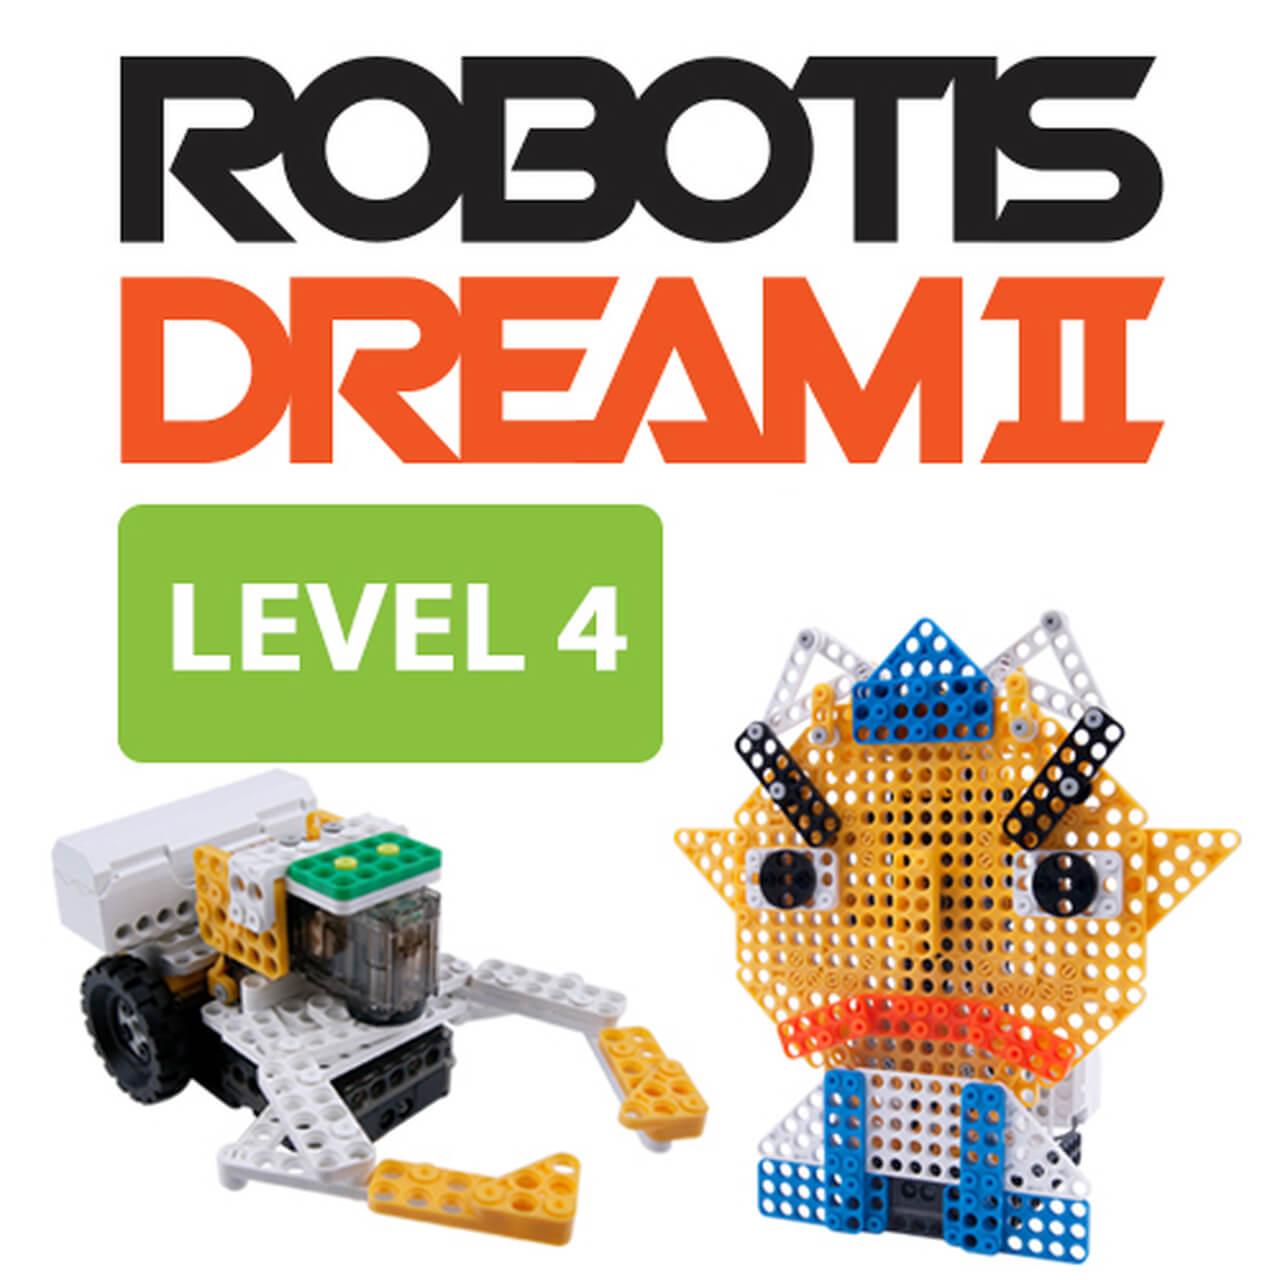 ROBOTIS-DREAM-Level-4.jpg (558 KB)